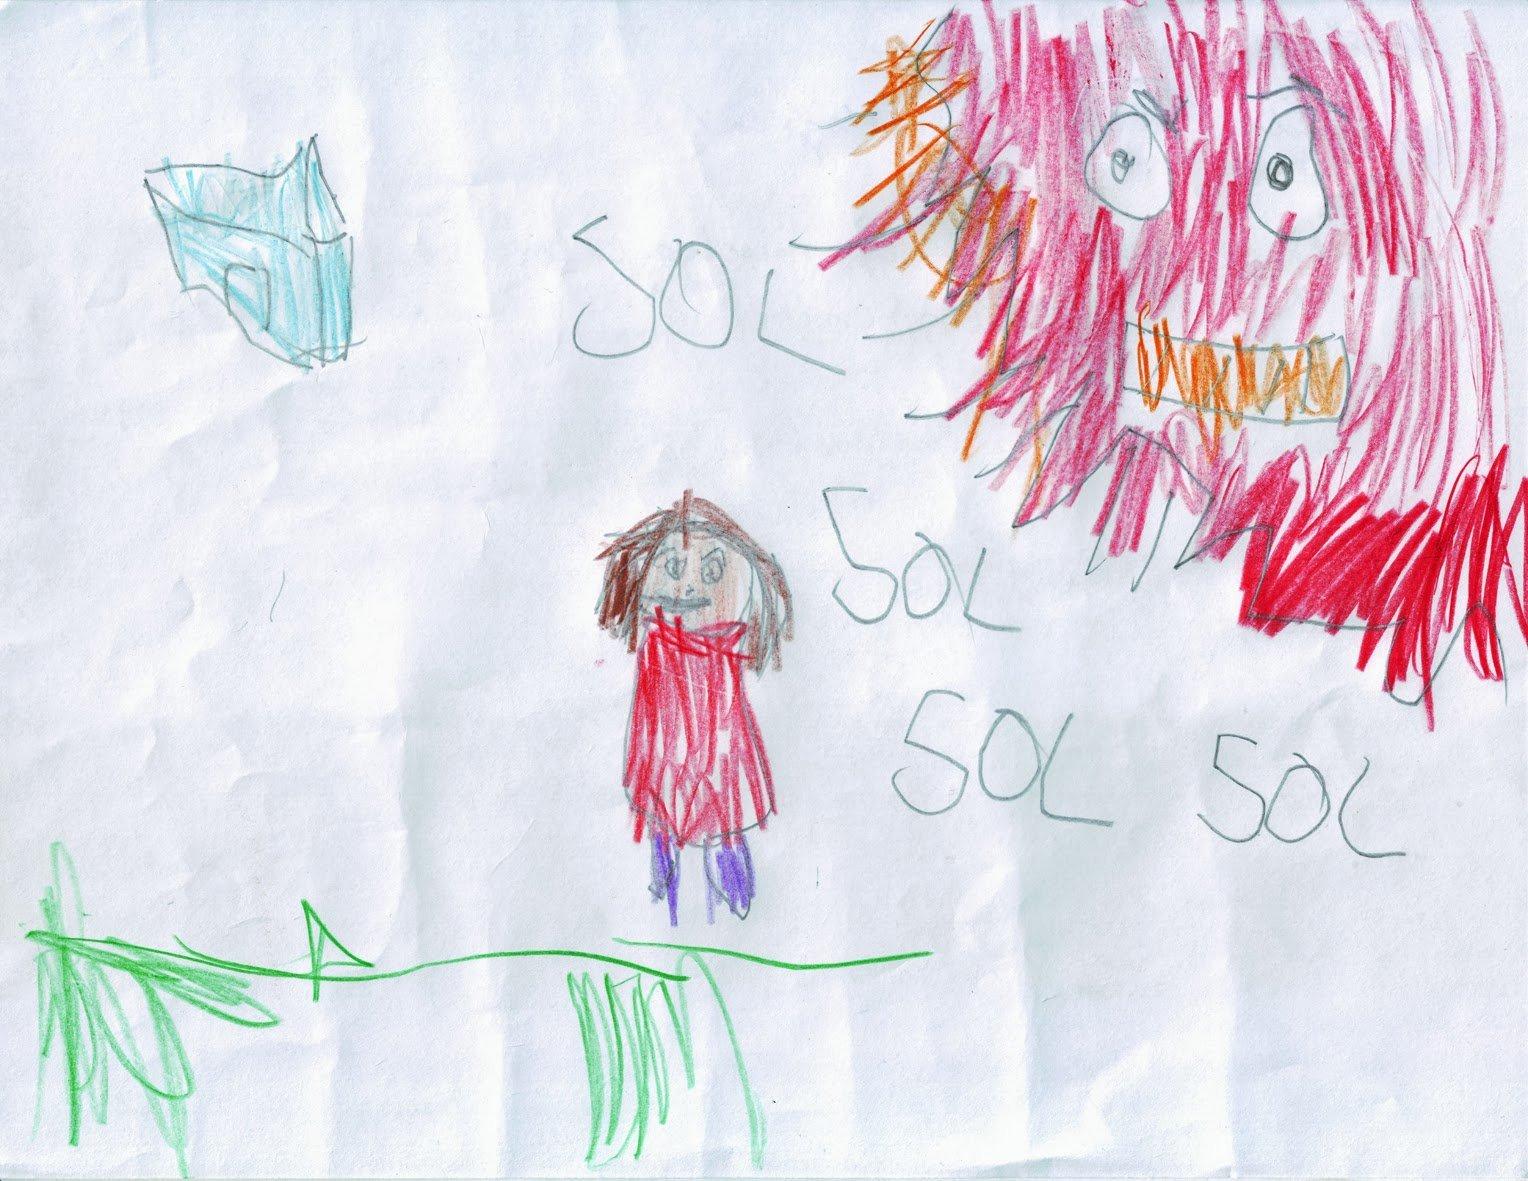 ¿Cómo se expresa un niño maltratado, a través de los dibujos?